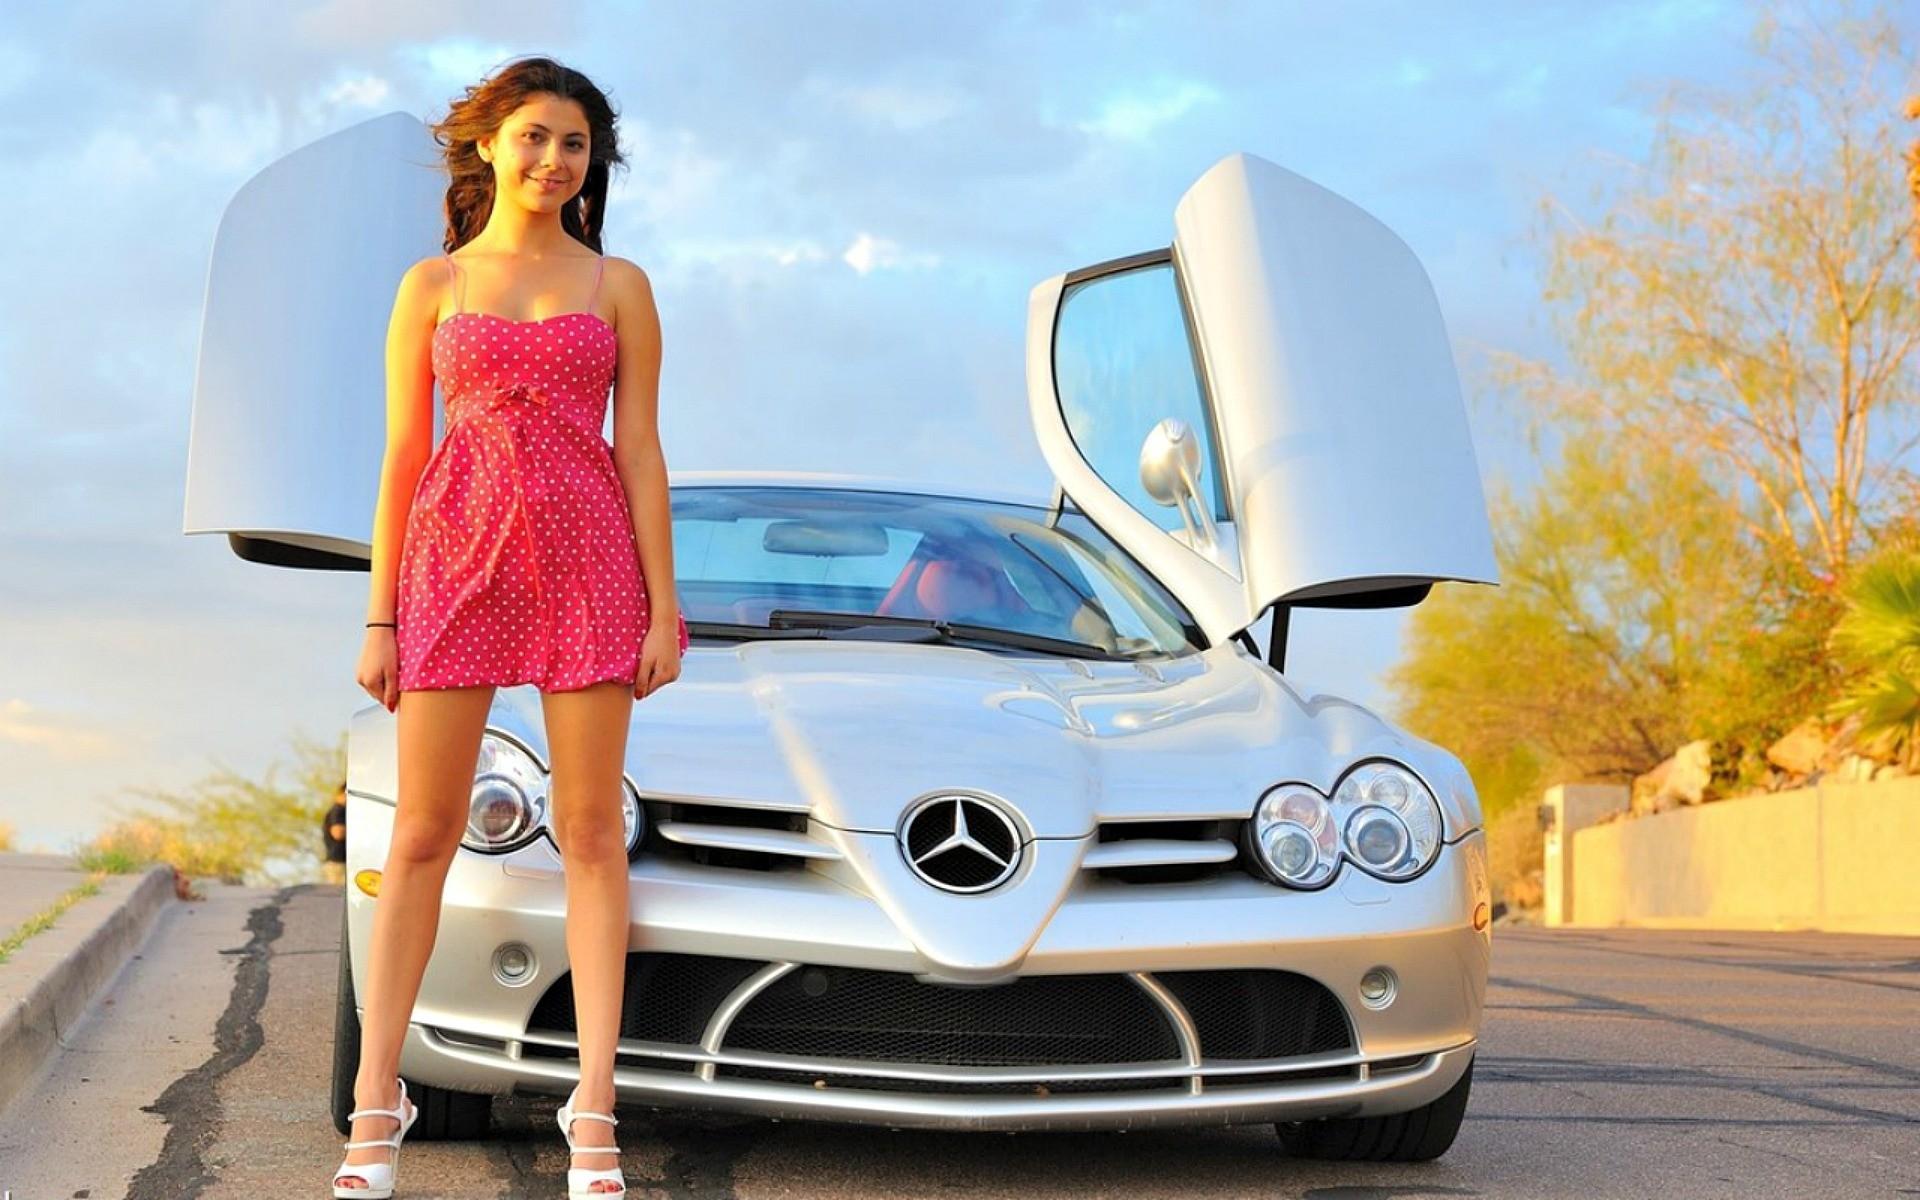 Фотомодели на фоне машин